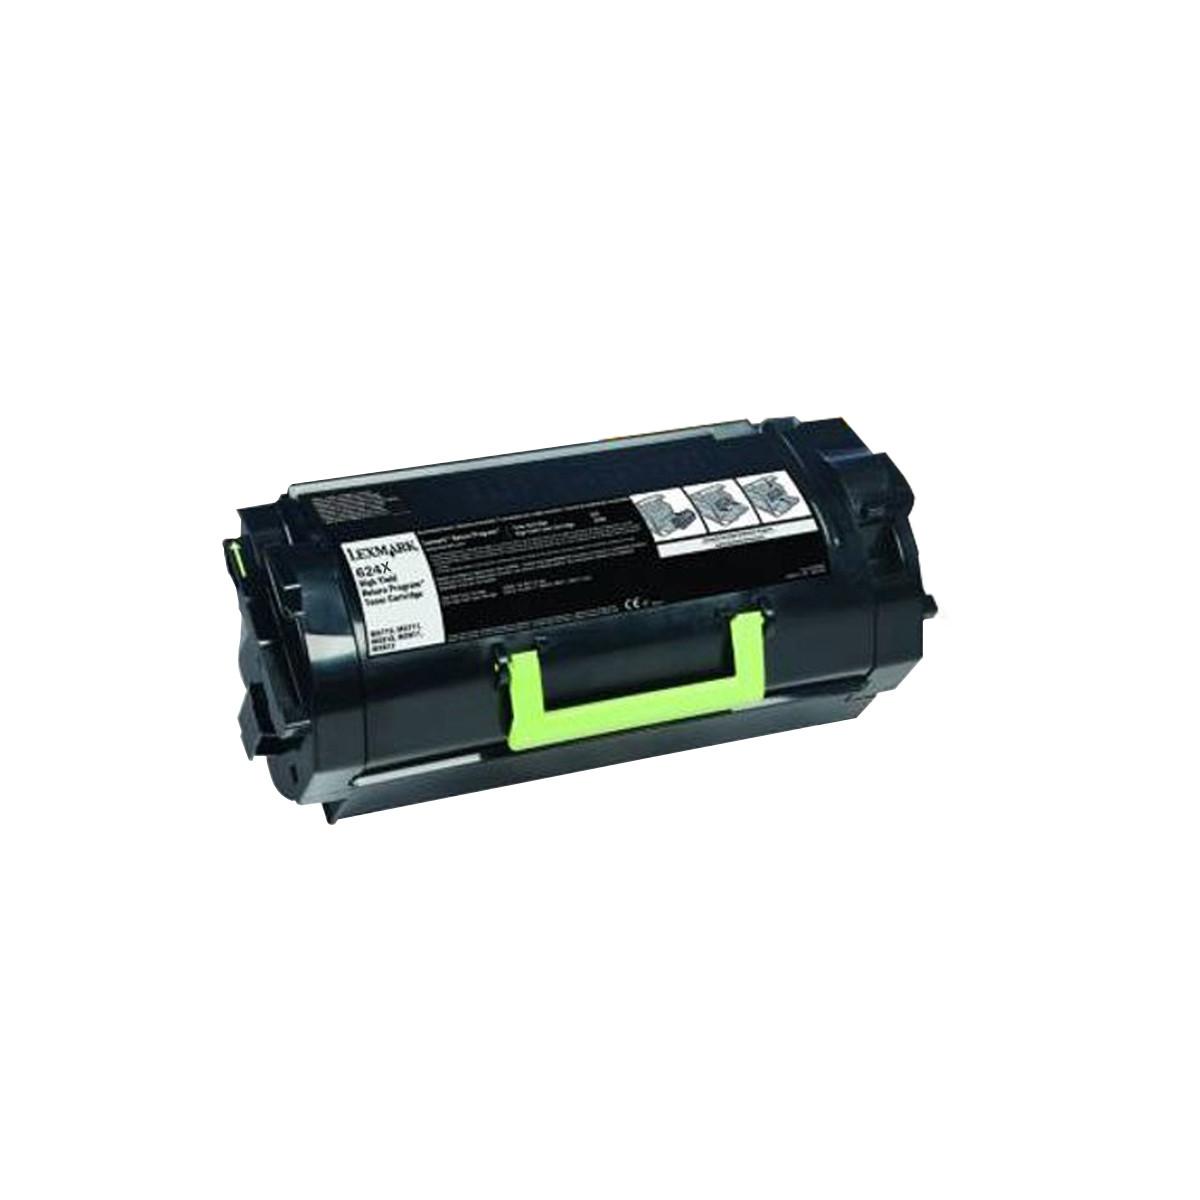 Toner Compatível com Lexmark 624X 62DBX00 62D4X00 | MX711 MX810 MX811 MX812 | Katun Select 45k